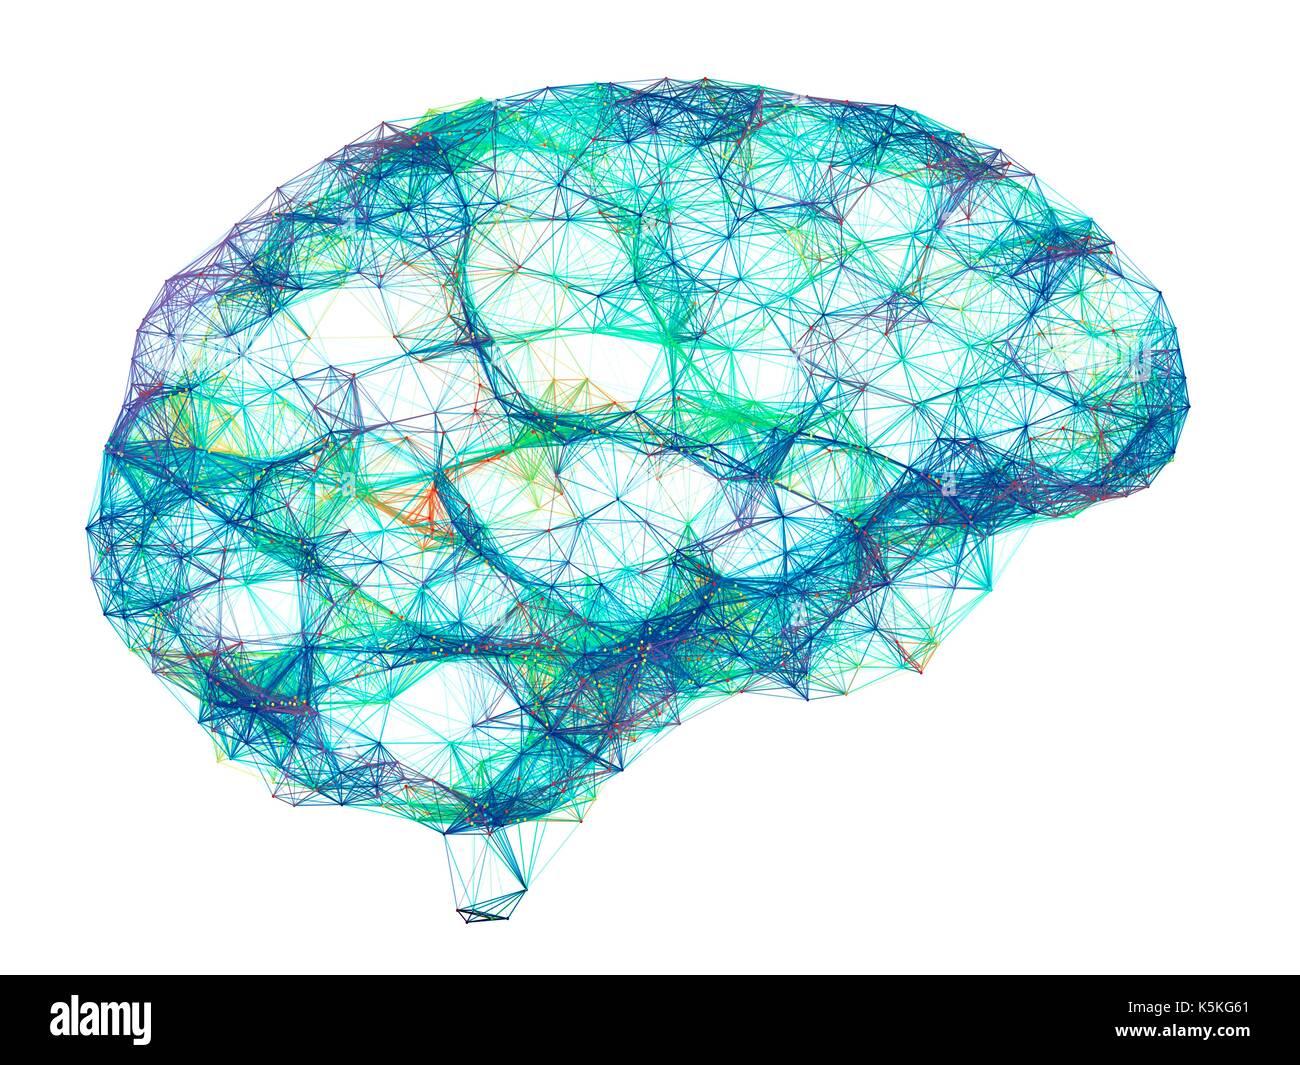 Réseau de neurones. L'oeuvre de l'ordinateur du réseau de neurones du cerveau représenté par lignes et points. Un réseau de neurones est constitué de cellules nerveuses (neurones). Photo Stock